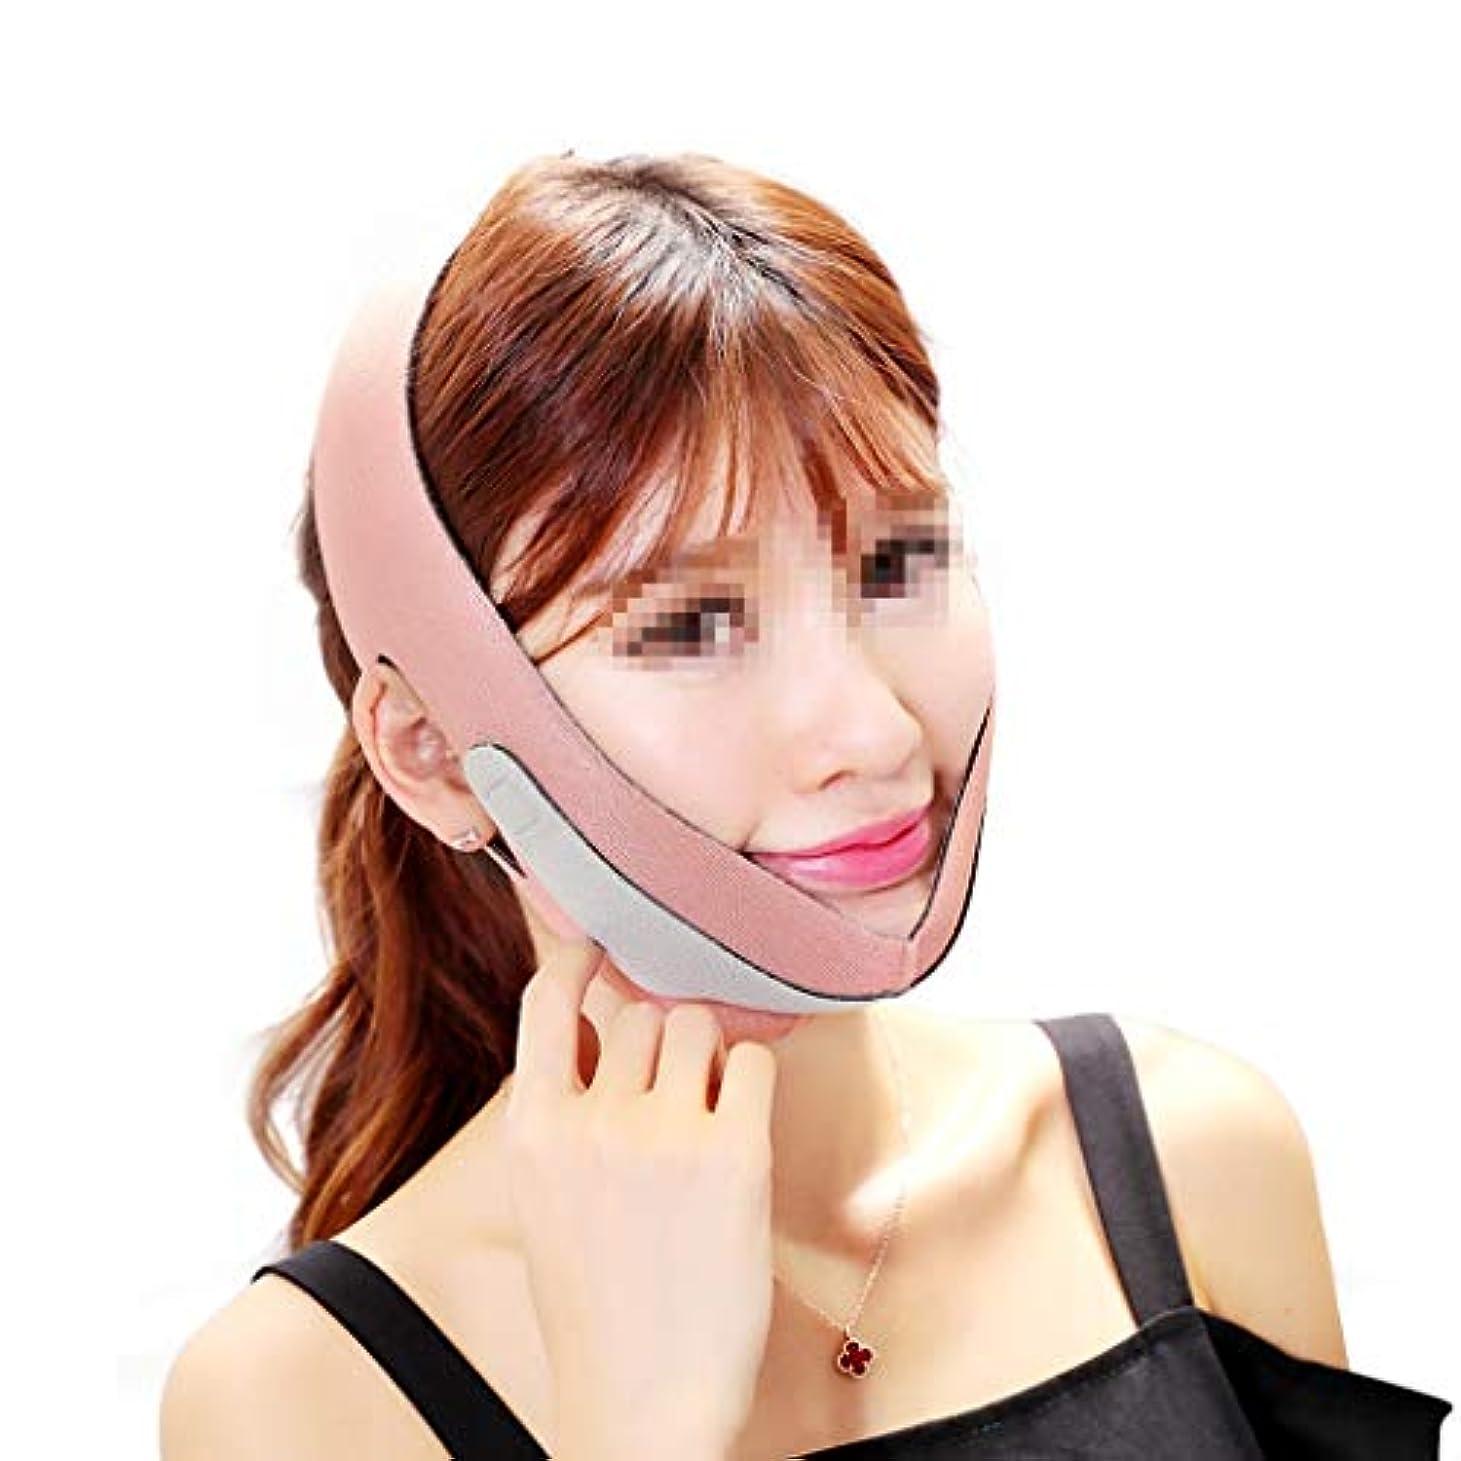 割り込み大いにメトロポリタンフェイスリフトマスク、小さなVフェイス睡眠包帯マスクシンダブルチンリフト引き締め肌